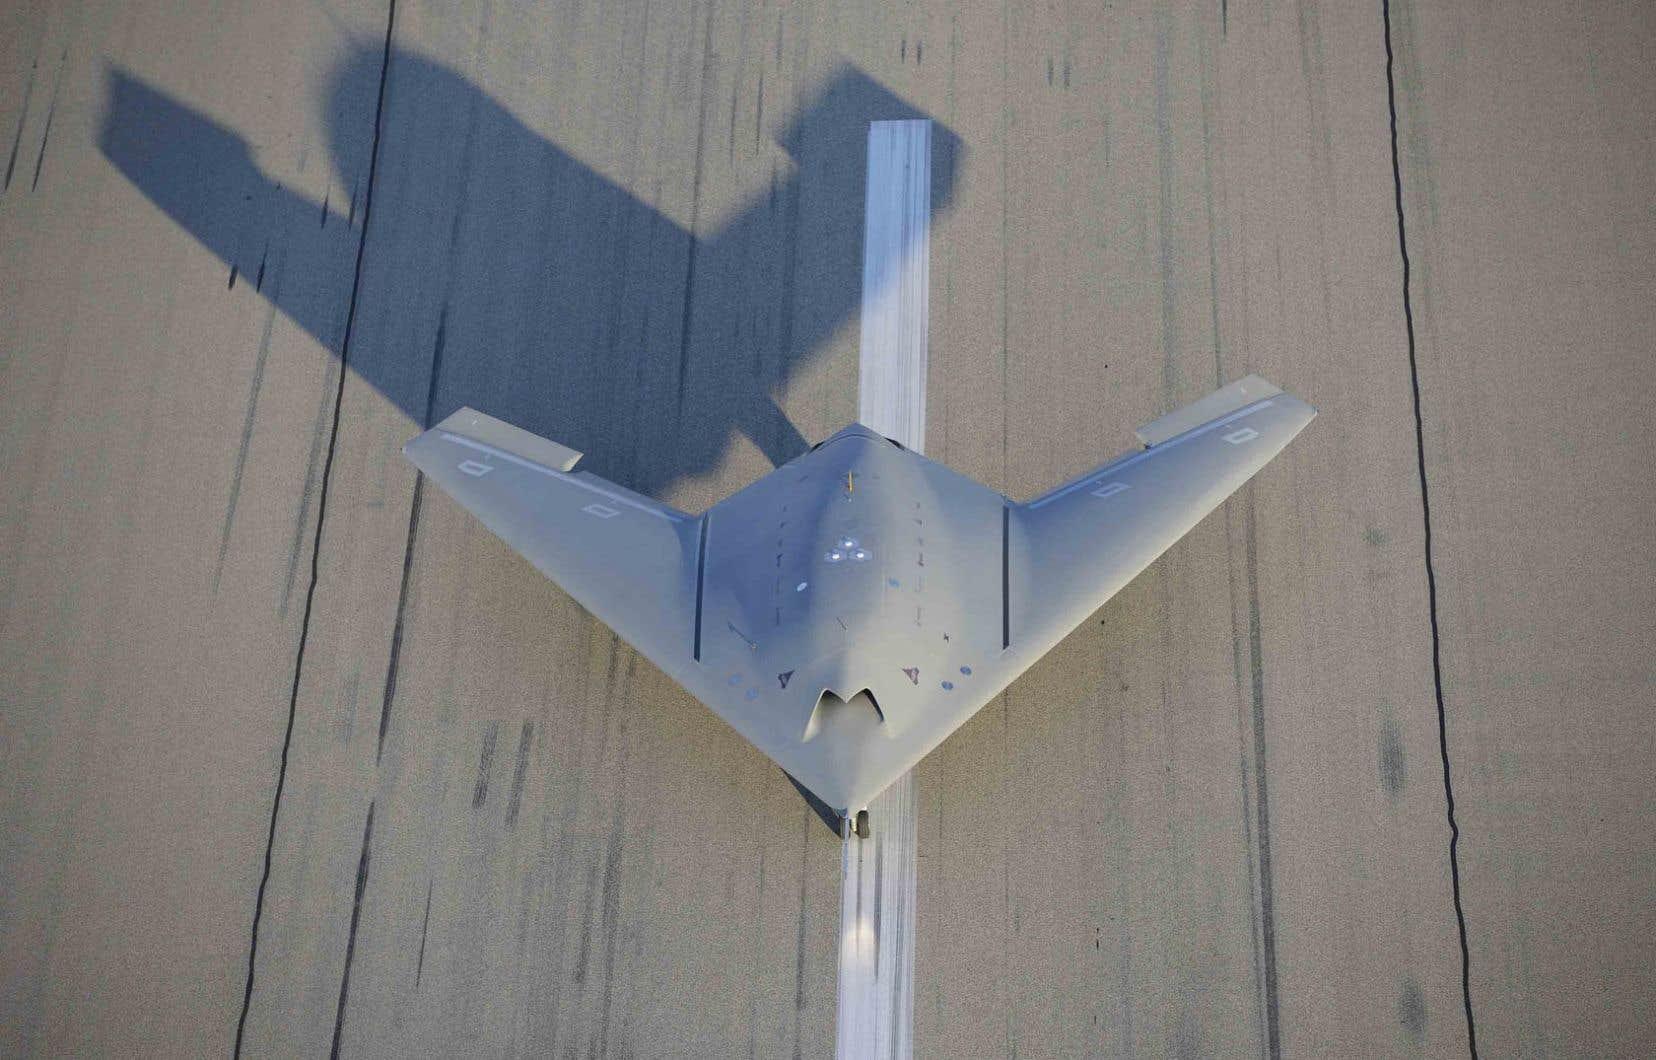 Neuron est un prototype de drone de combat furtif européen construit par Dassault aviation. Il préfigure ce que seront les drones de combat conçus spécifiquement pour les attaques au sol et le bombardement.